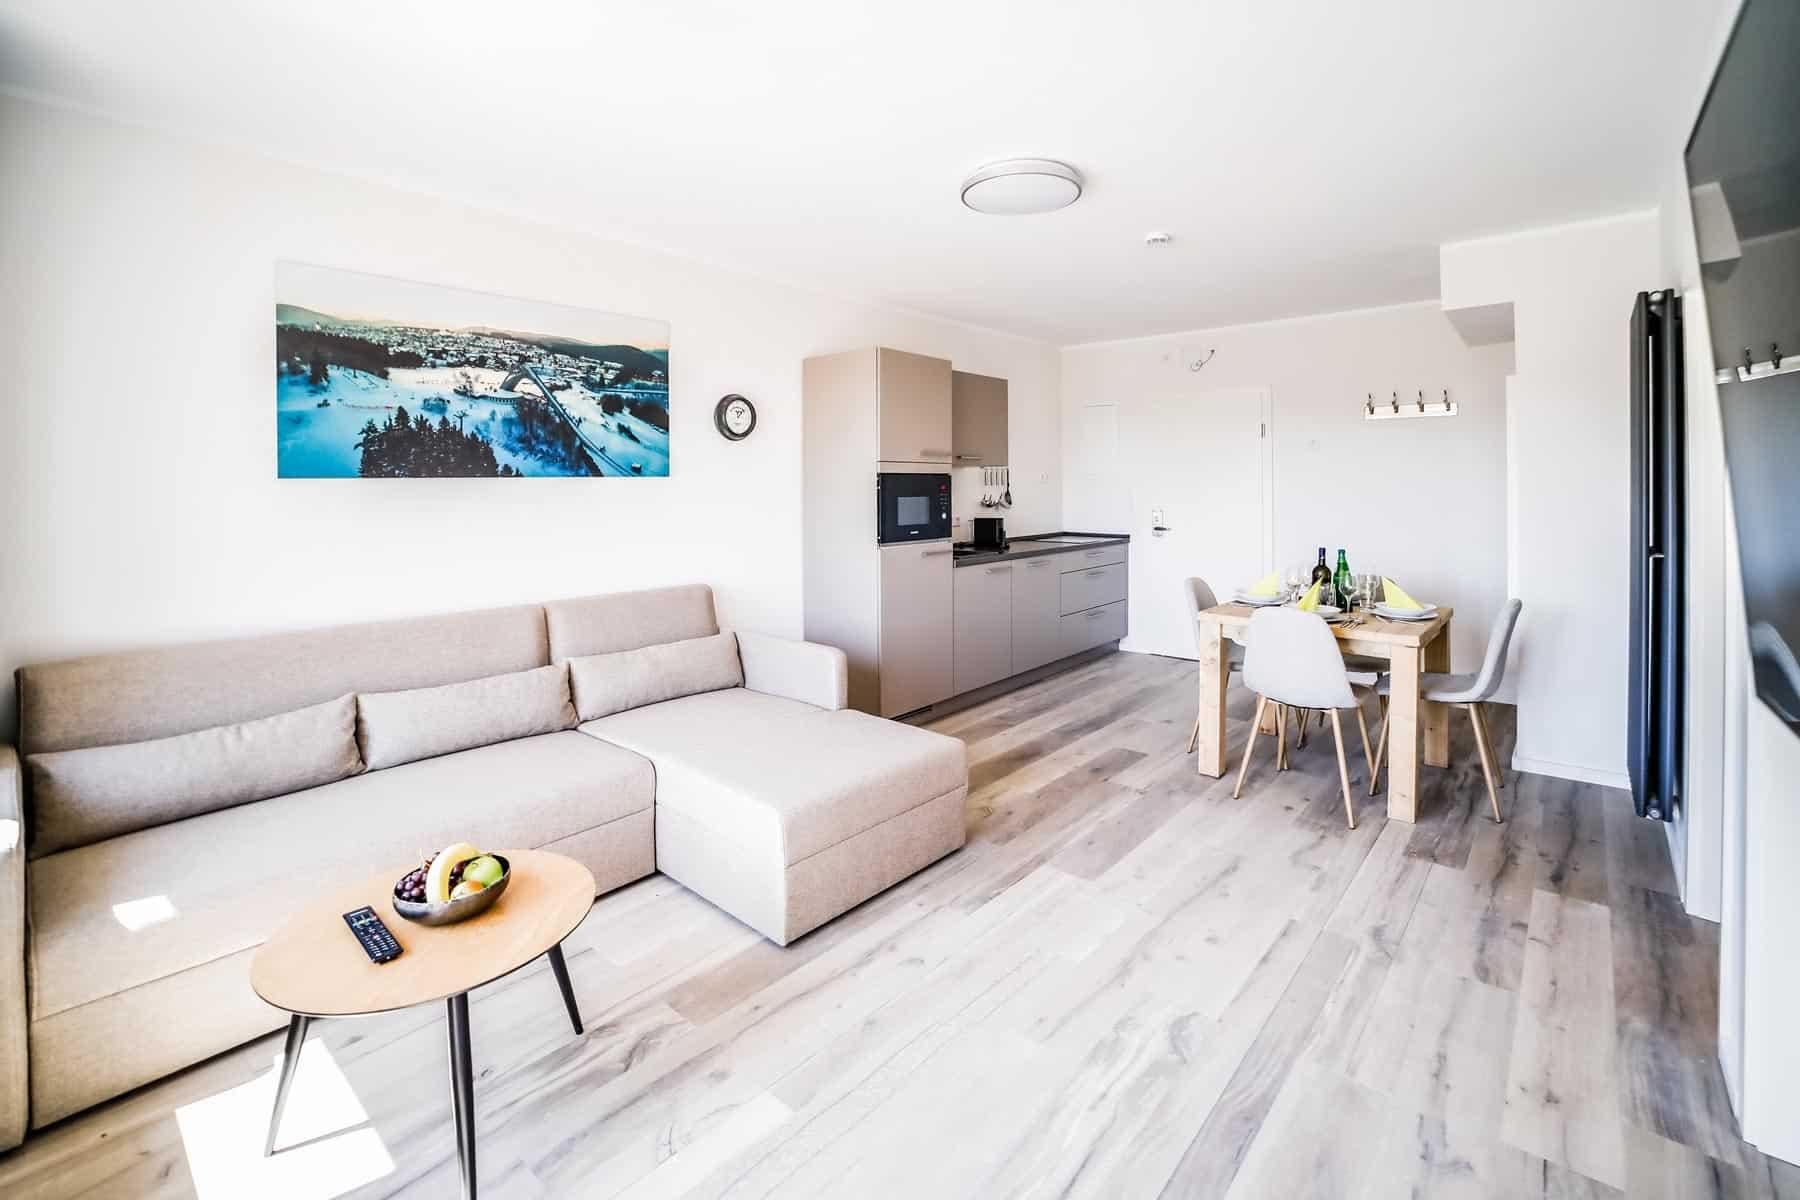 705-WoZi-Wohnraum